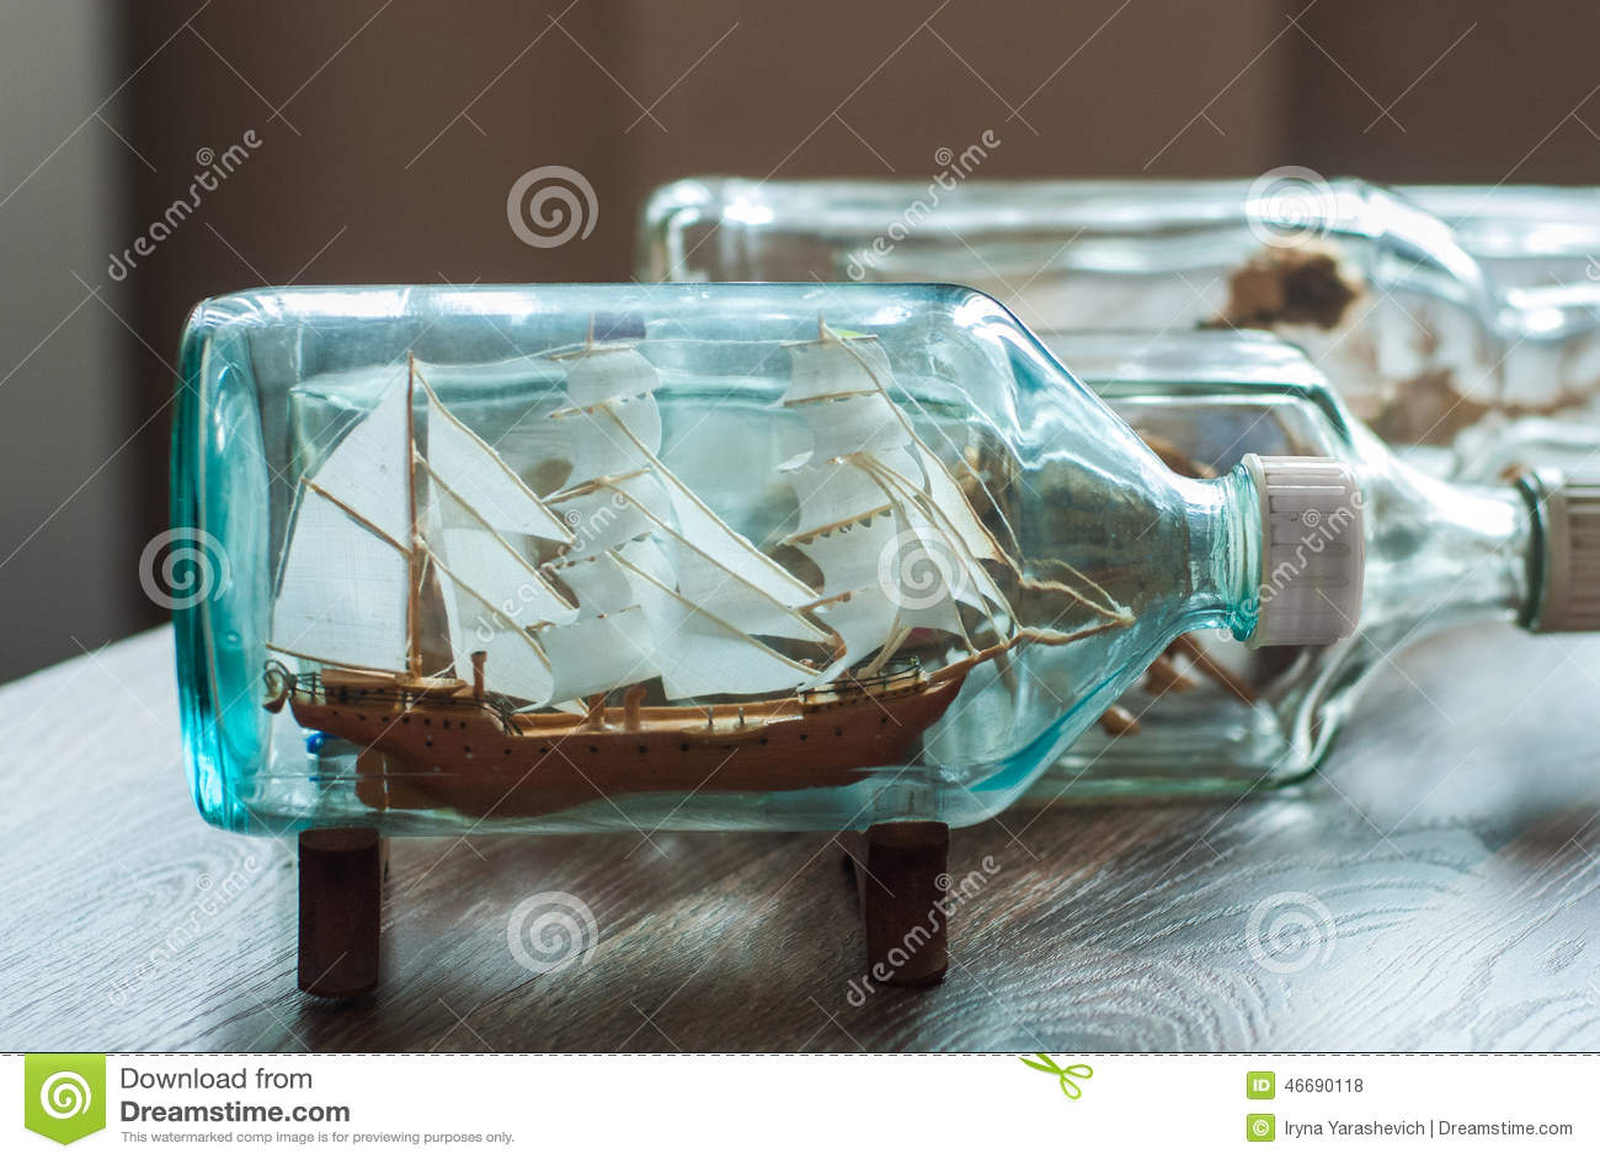 Bateau fait main dans une bouteille